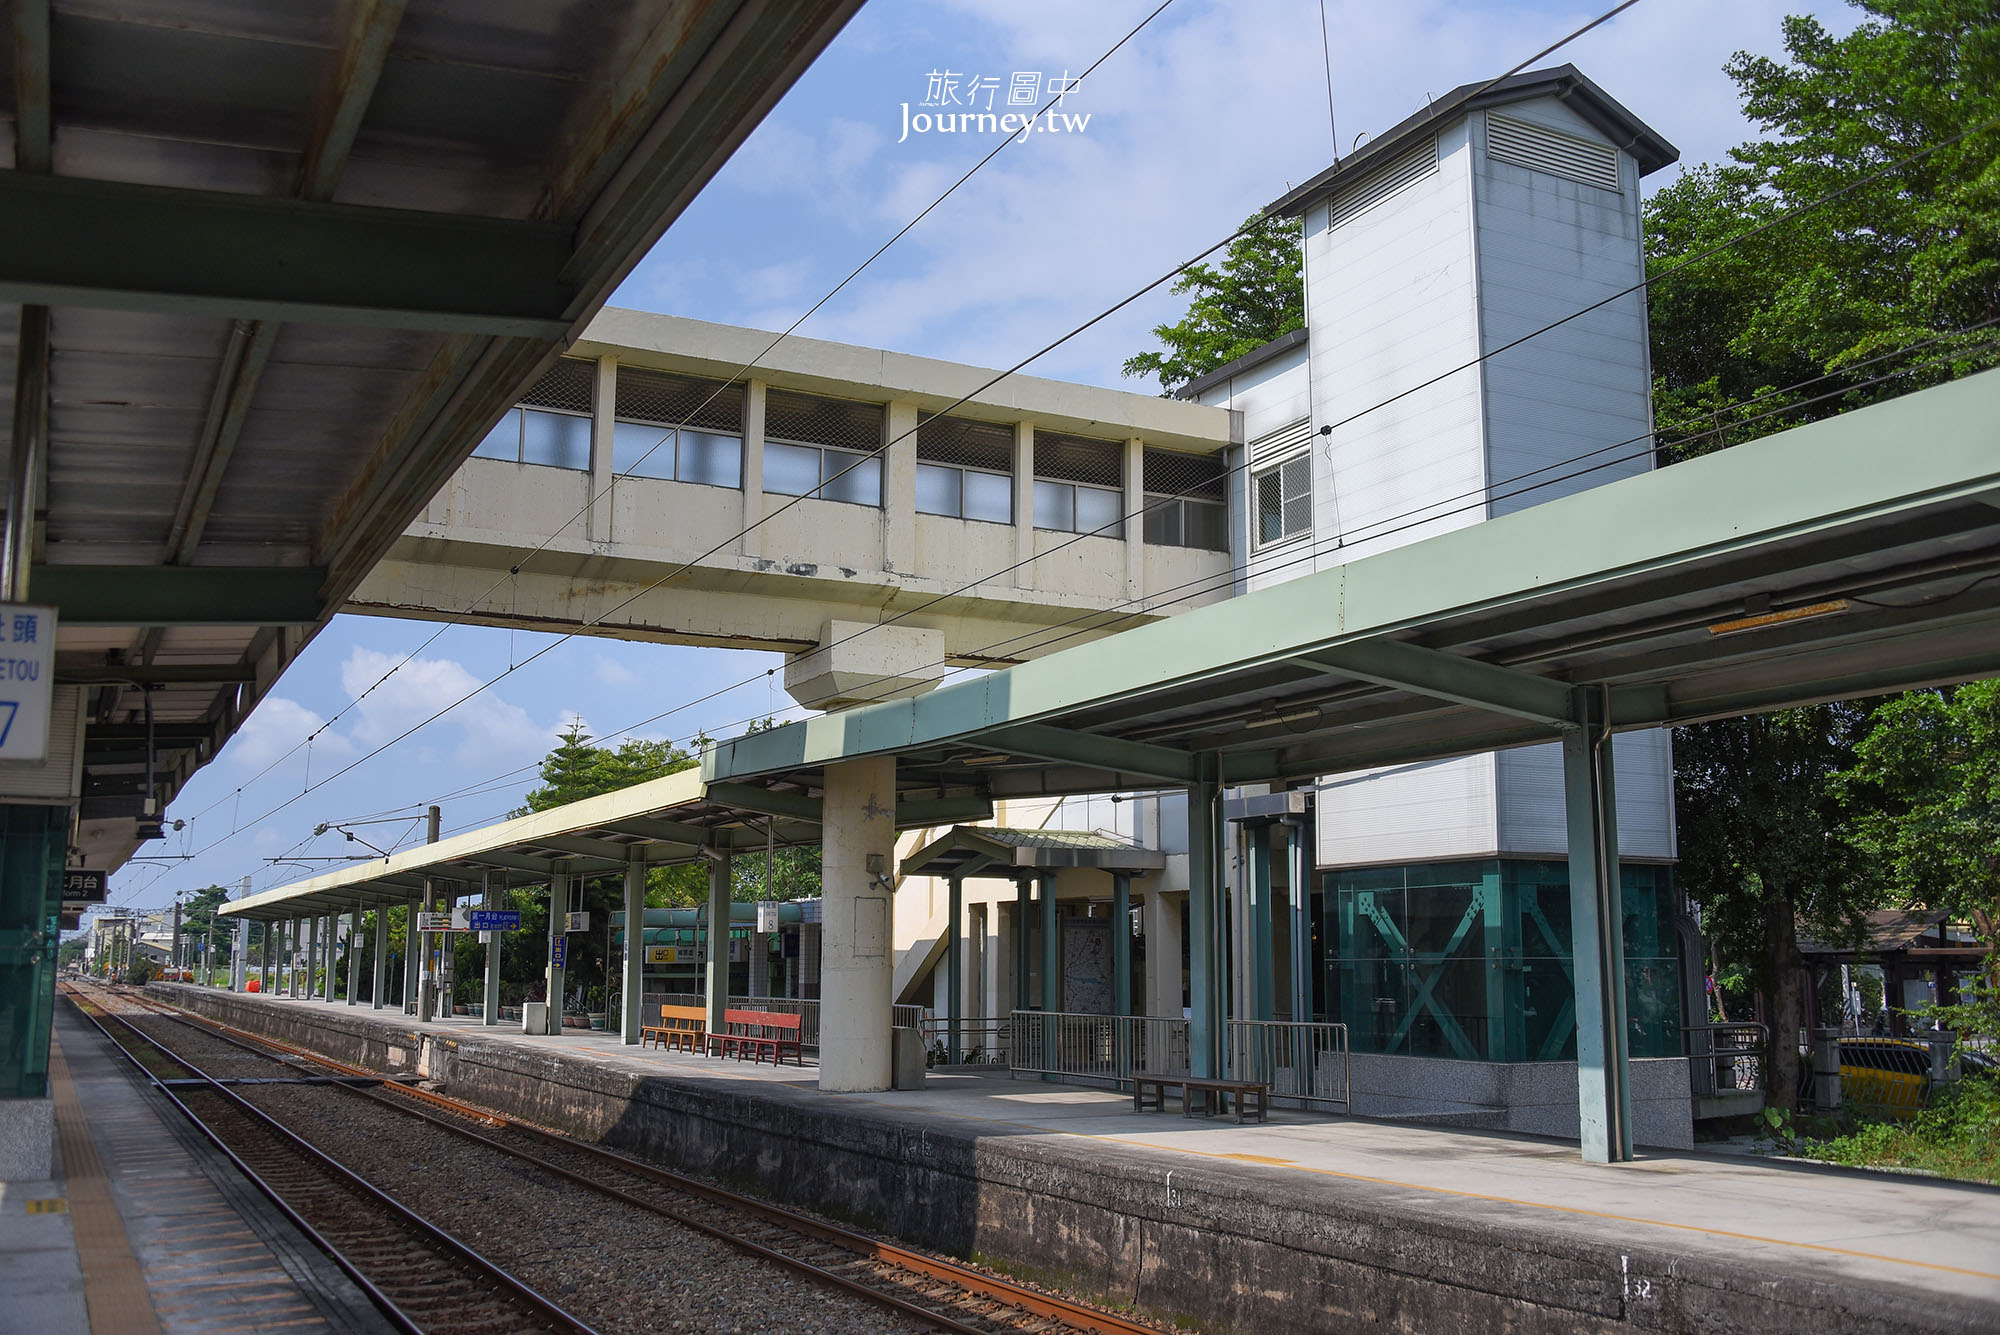 彰化,彰化景點,社頭,社頭景點,社頭車站,鐵道旅行,台鐵車站